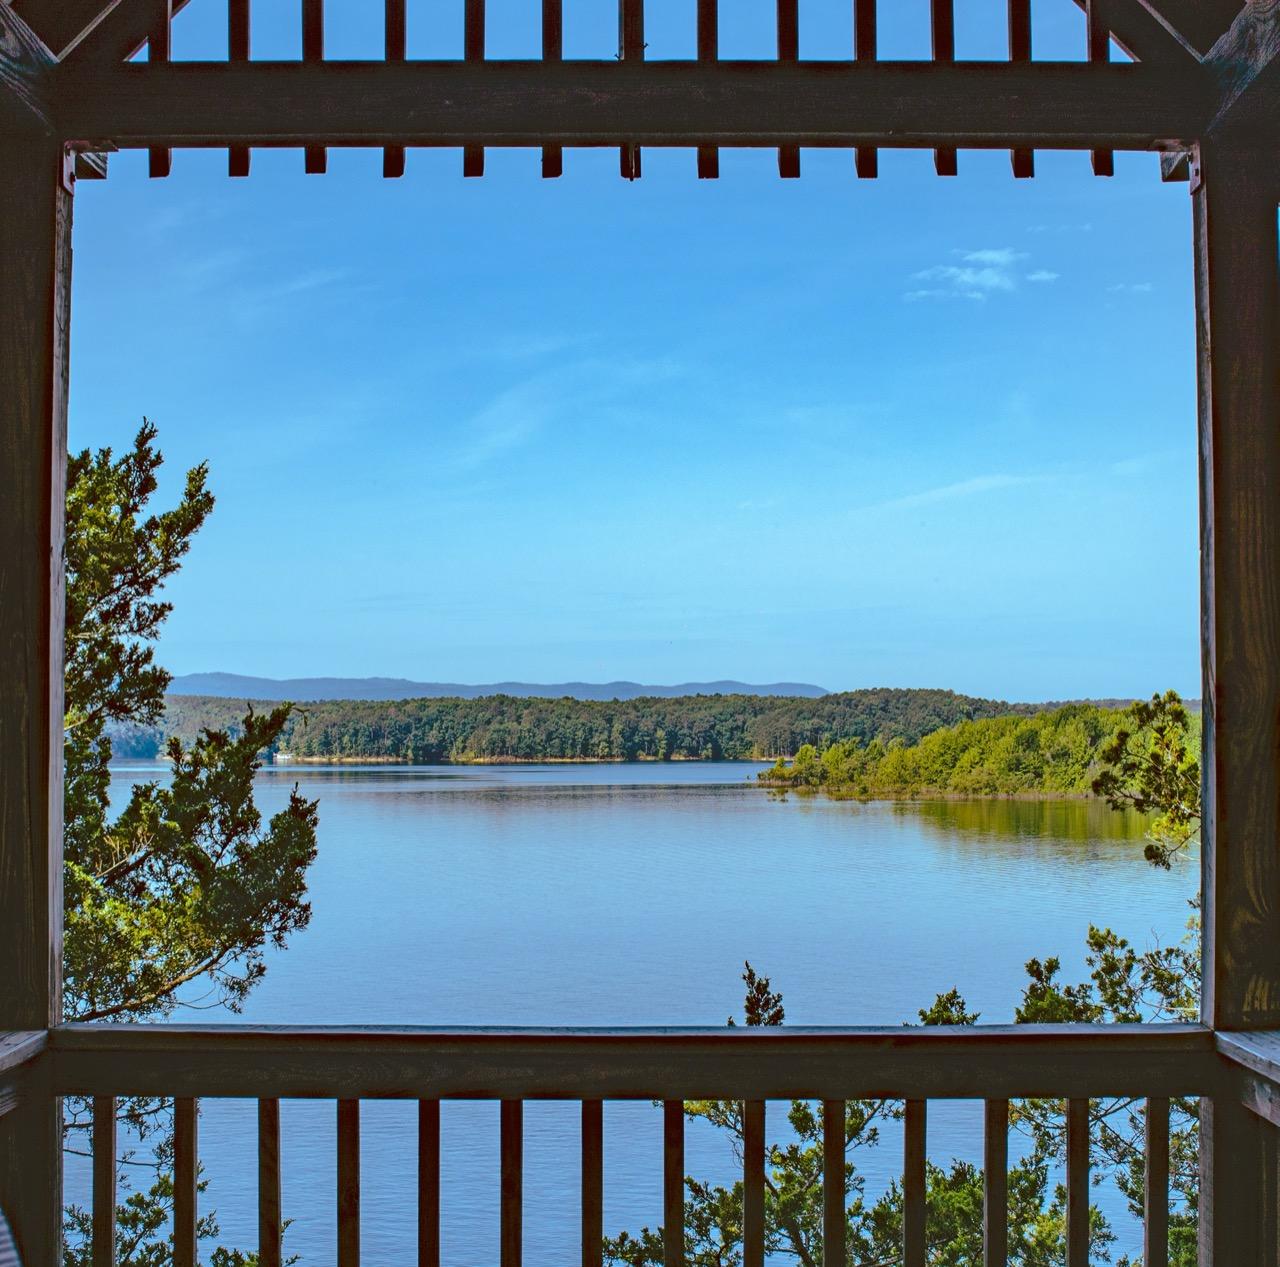 Lake in Arkansas